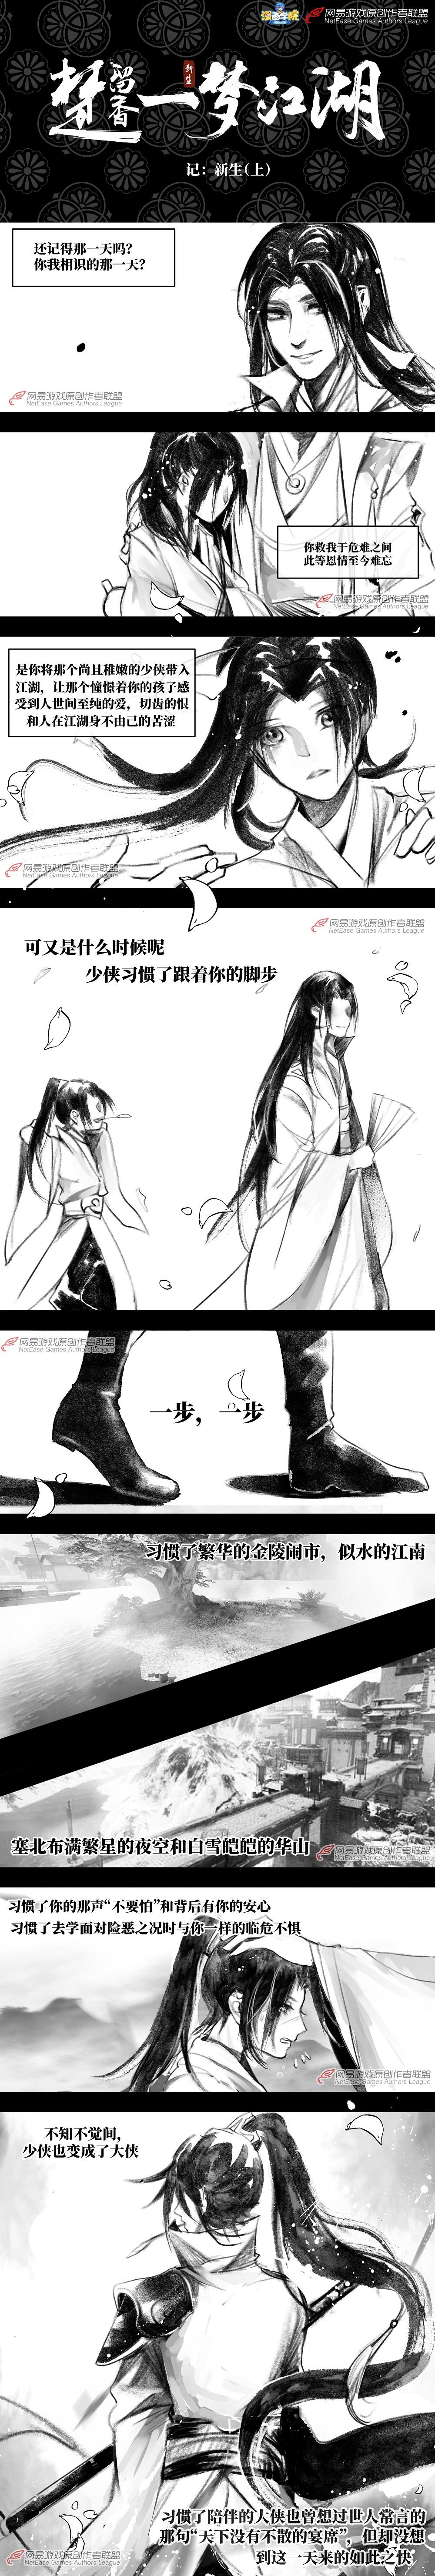 【原创作者联盟】【漫画学院】新生(上)